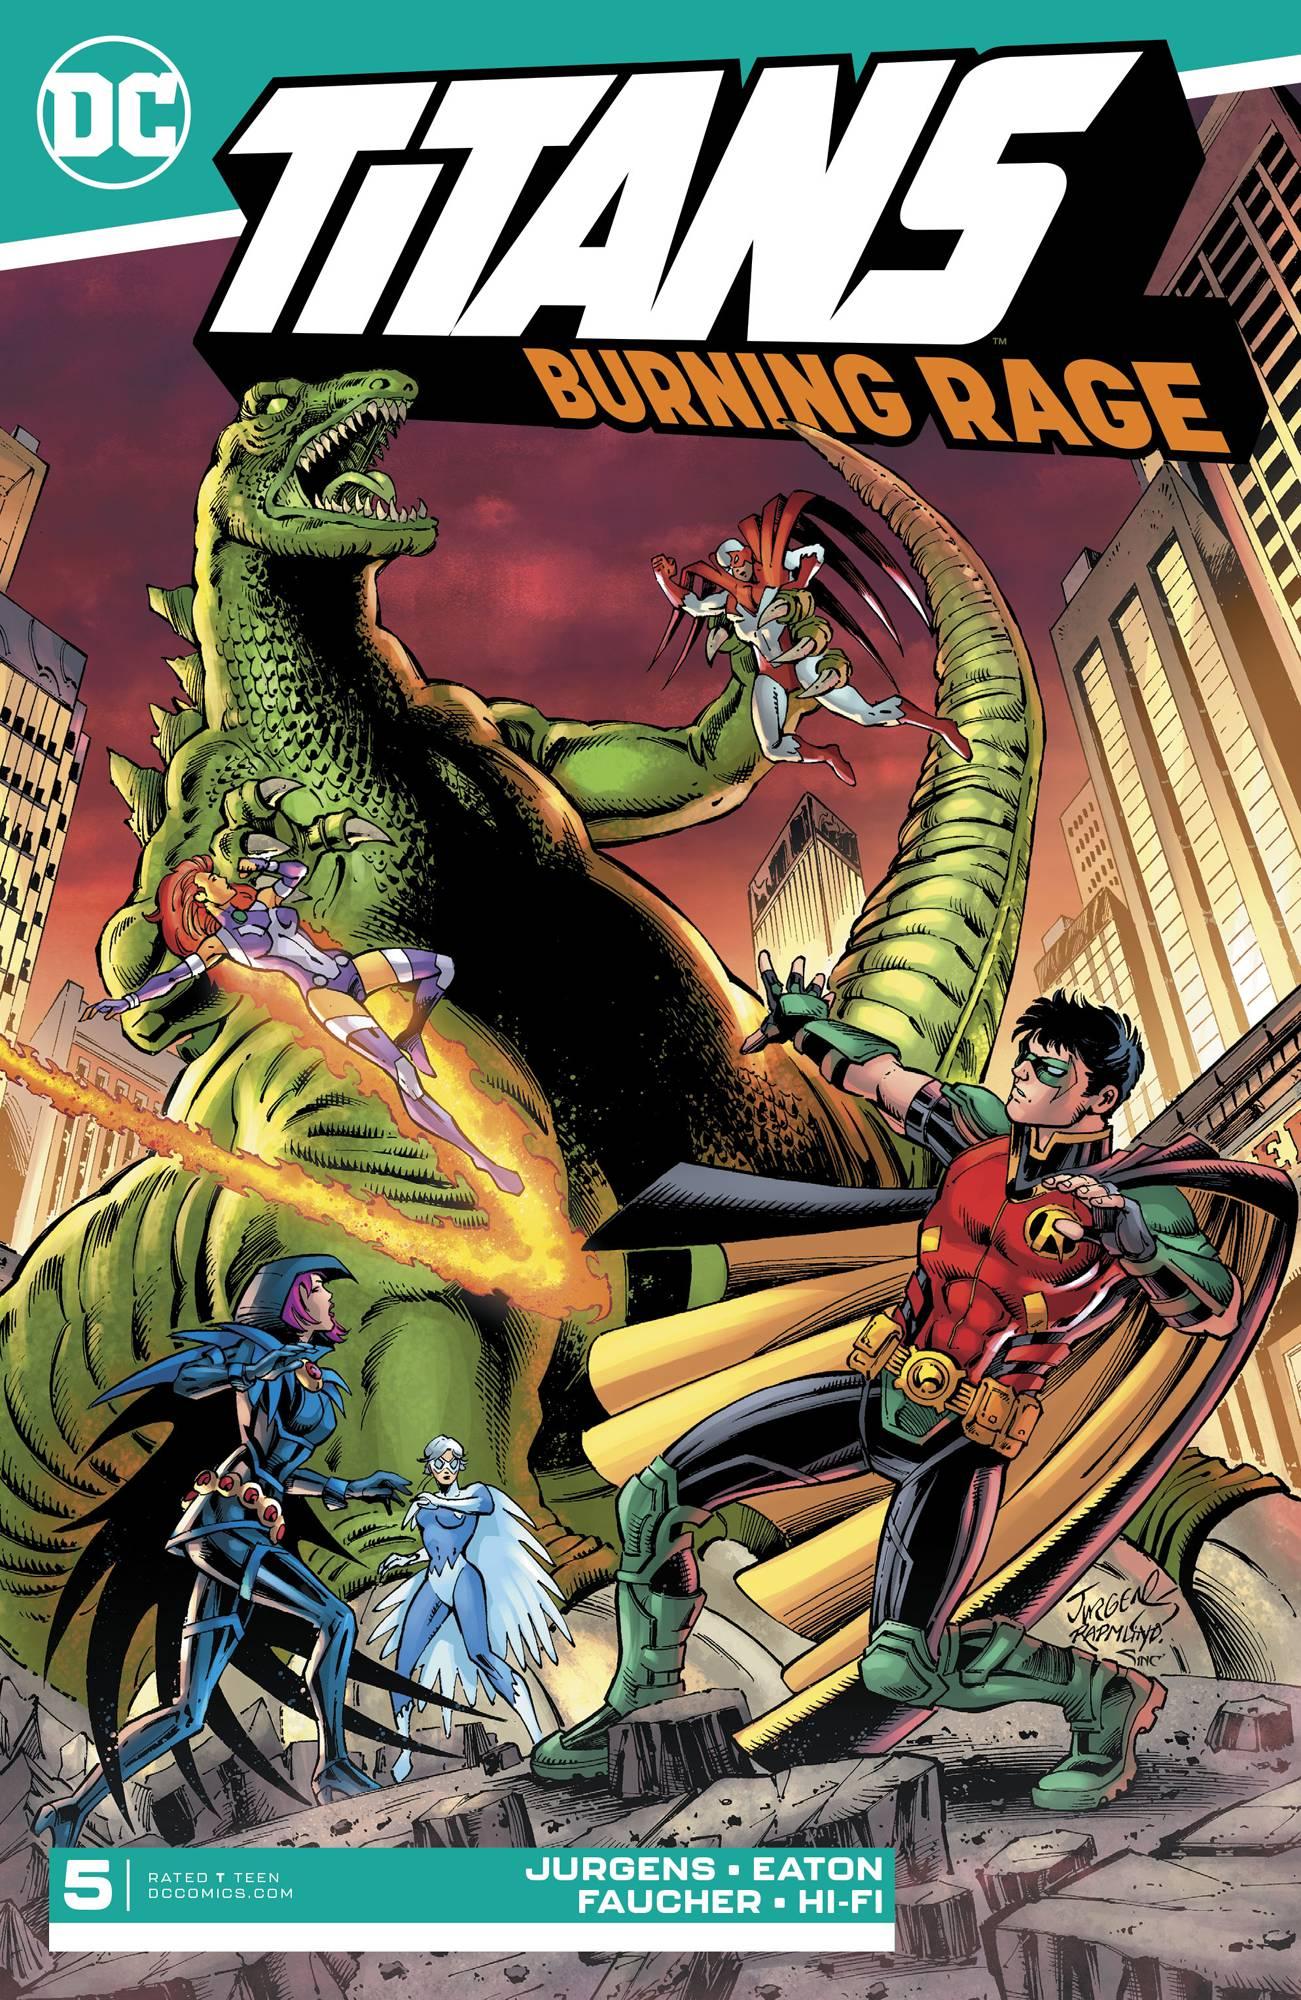 Titans: Burning Rage #5 (2019)